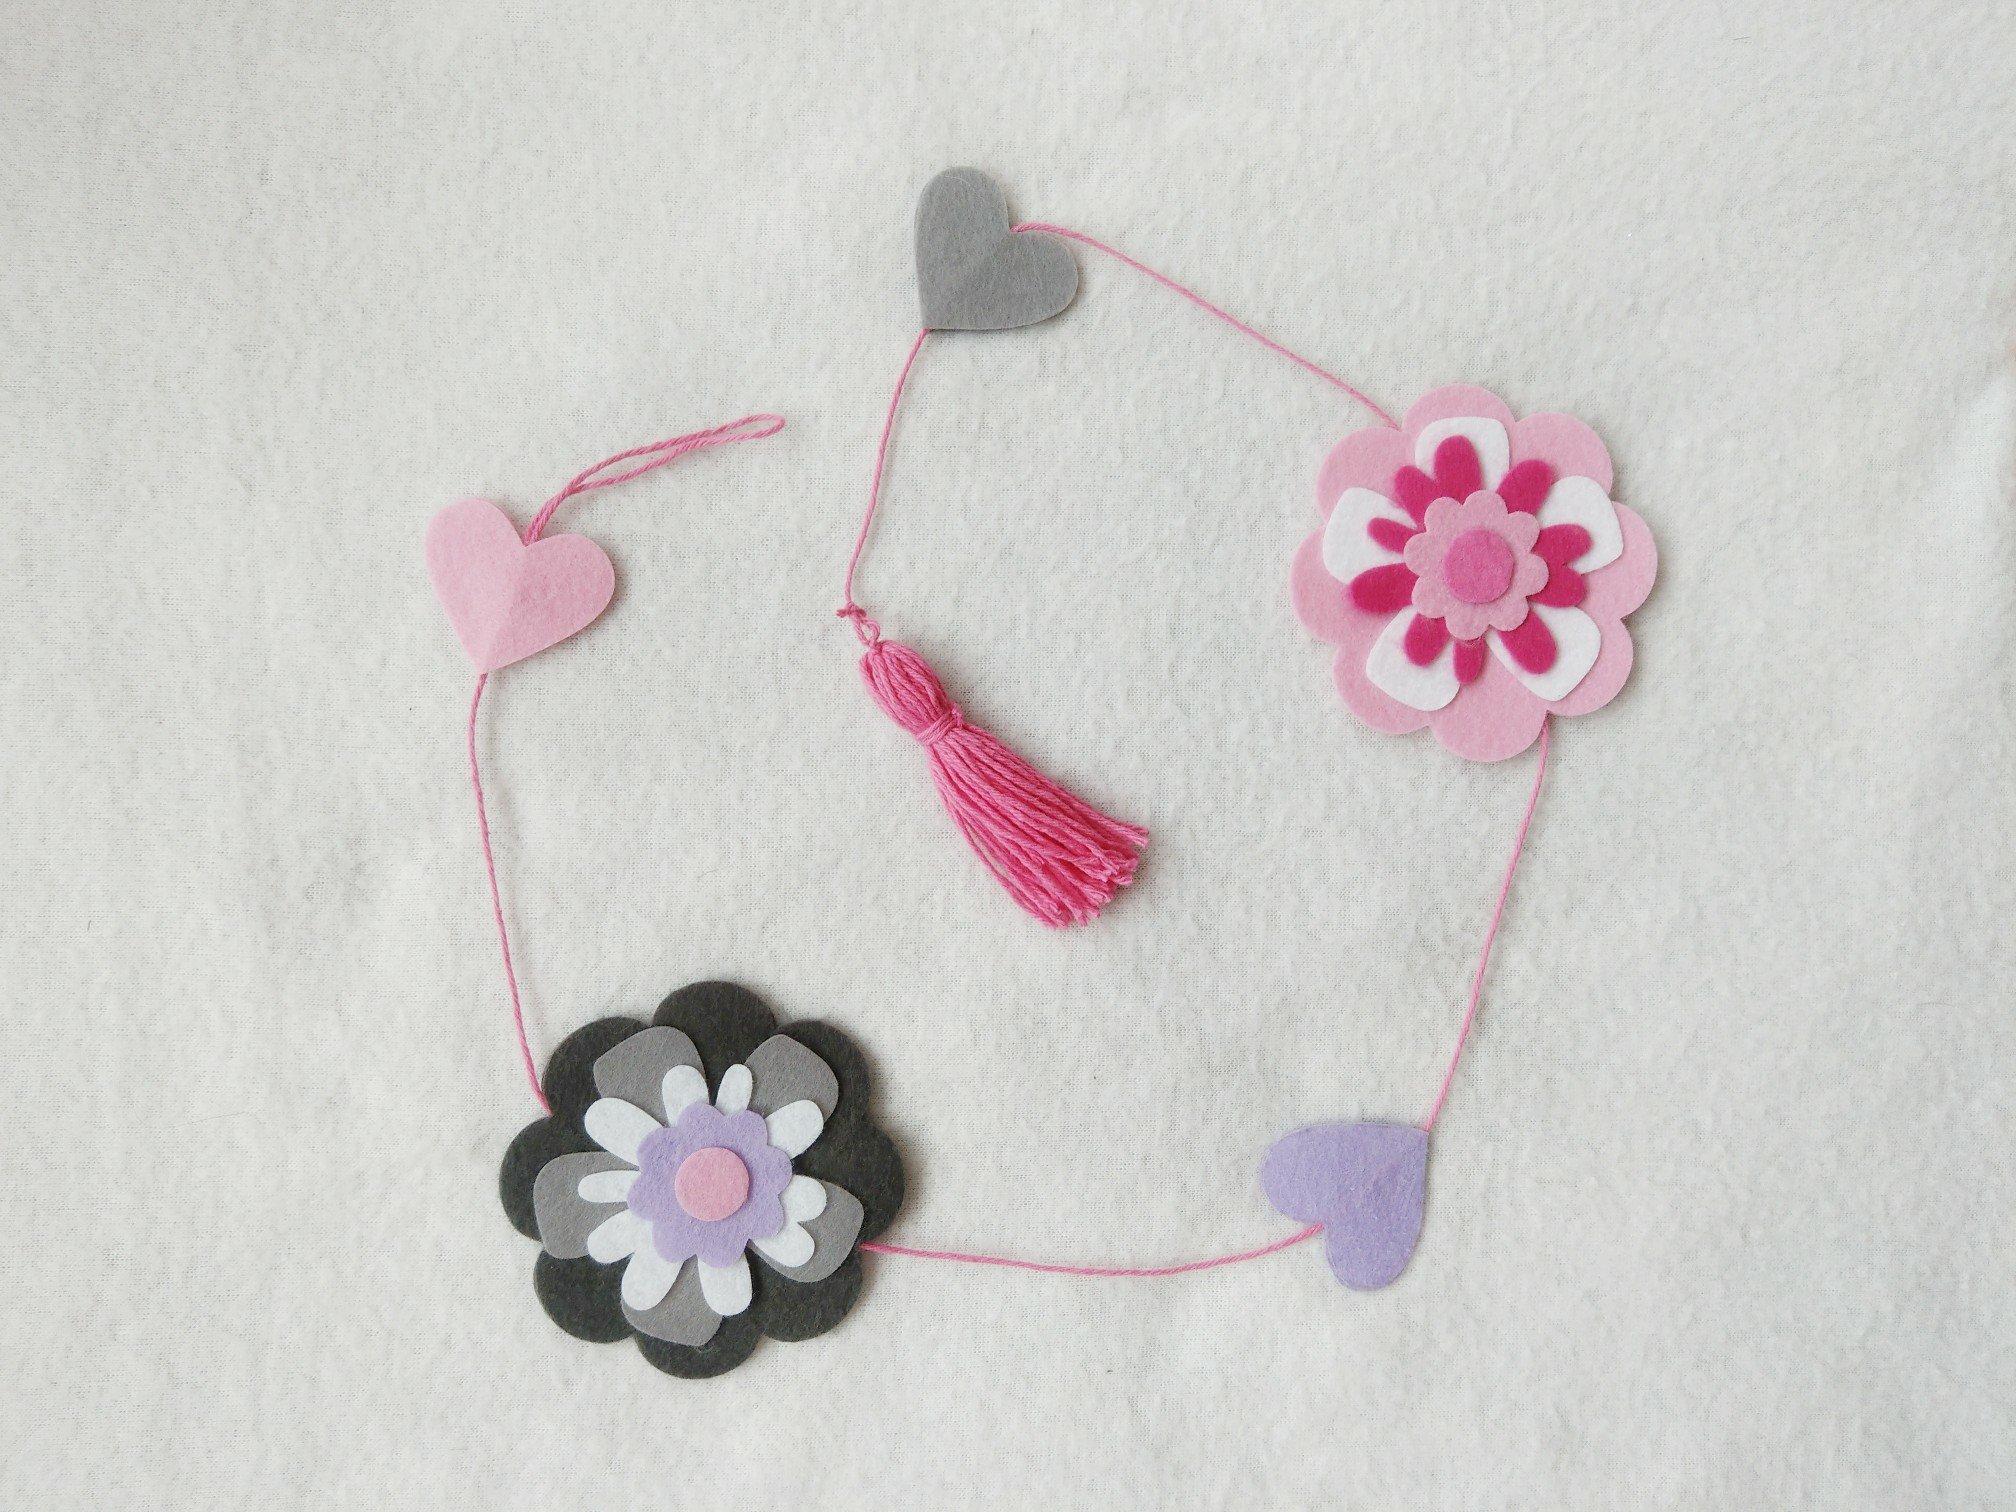 Blumengirlande aus Filz basteln – DIY Fenster Dekoration für den Frühling